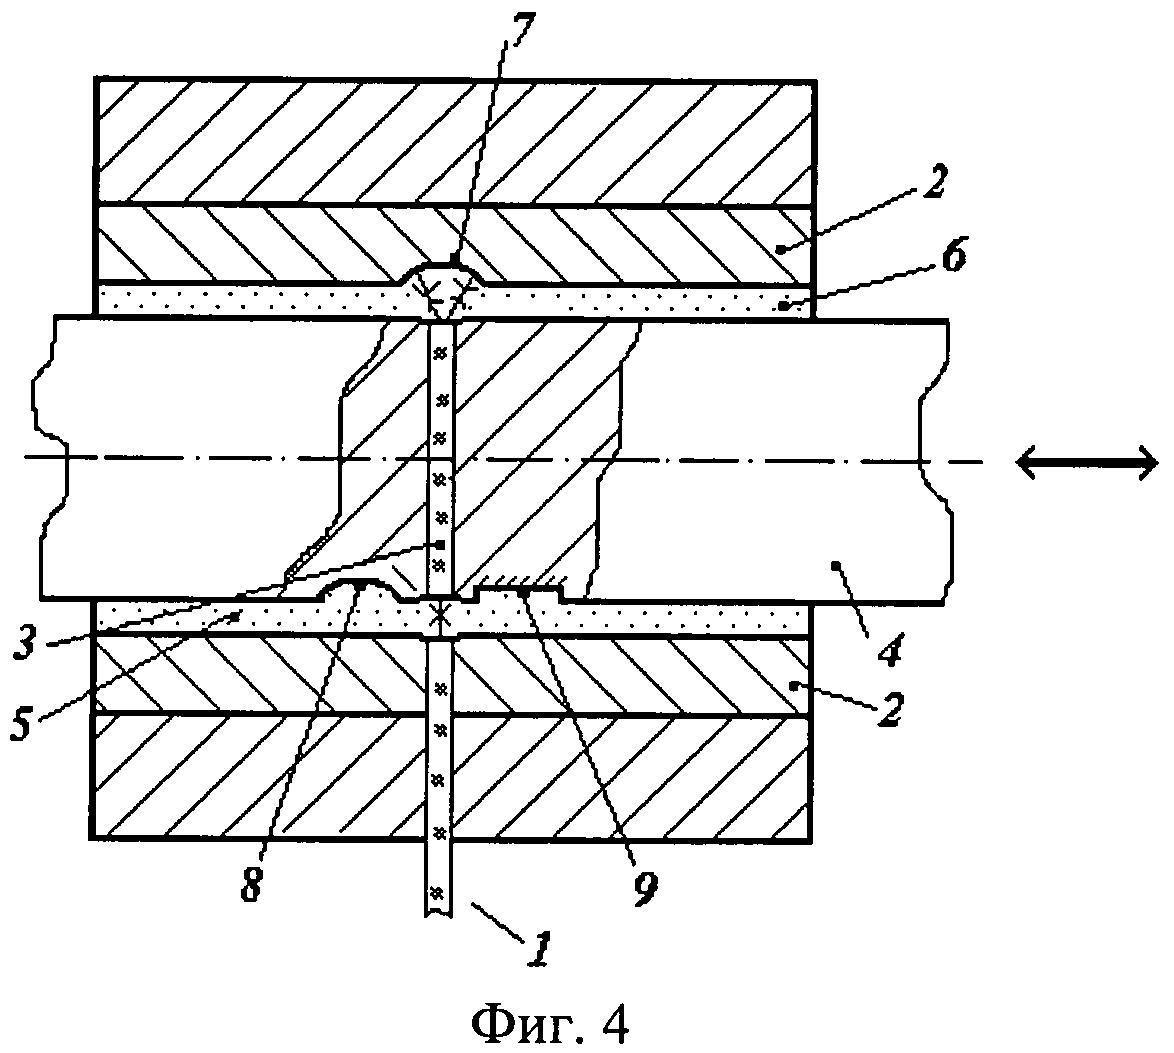 Устройство для исследования износа трущихся поверхностей